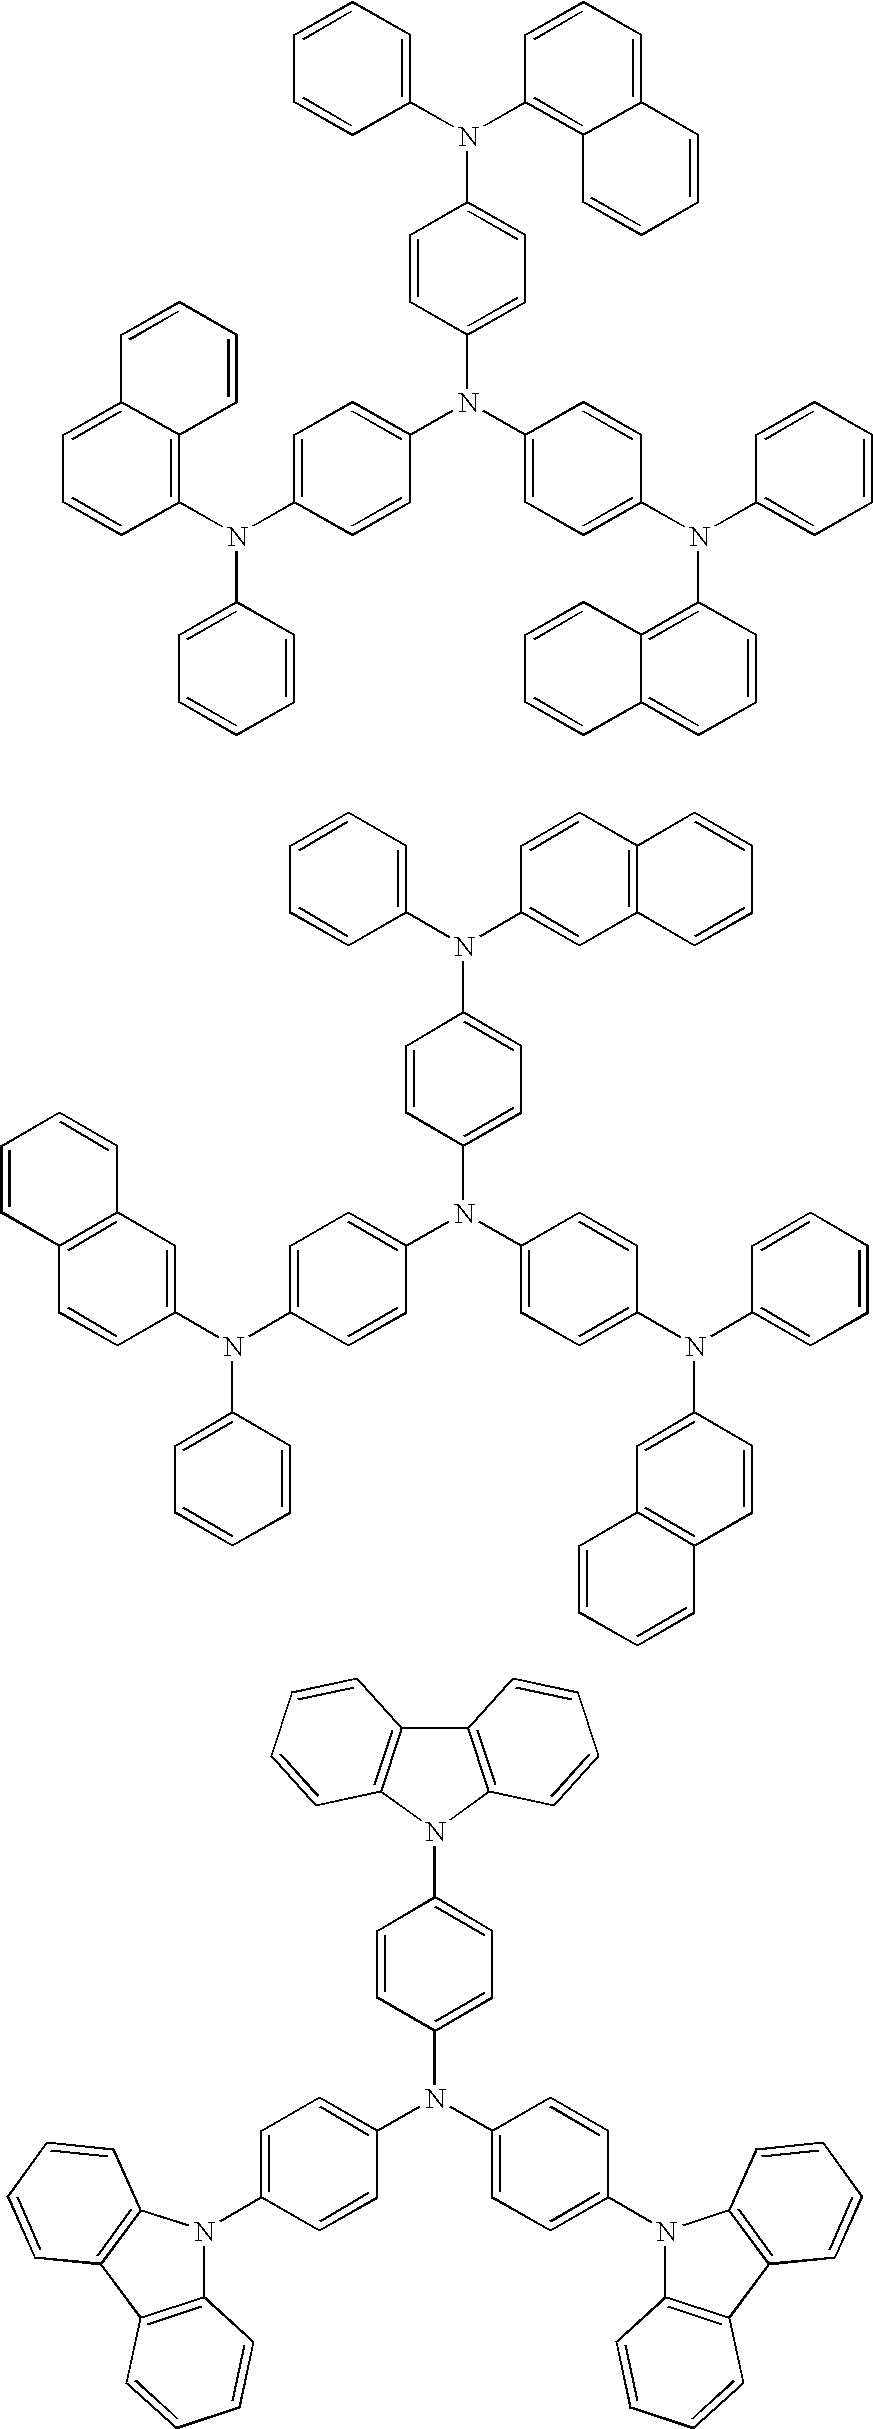 Figure US20060134464A1-20060622-C00013